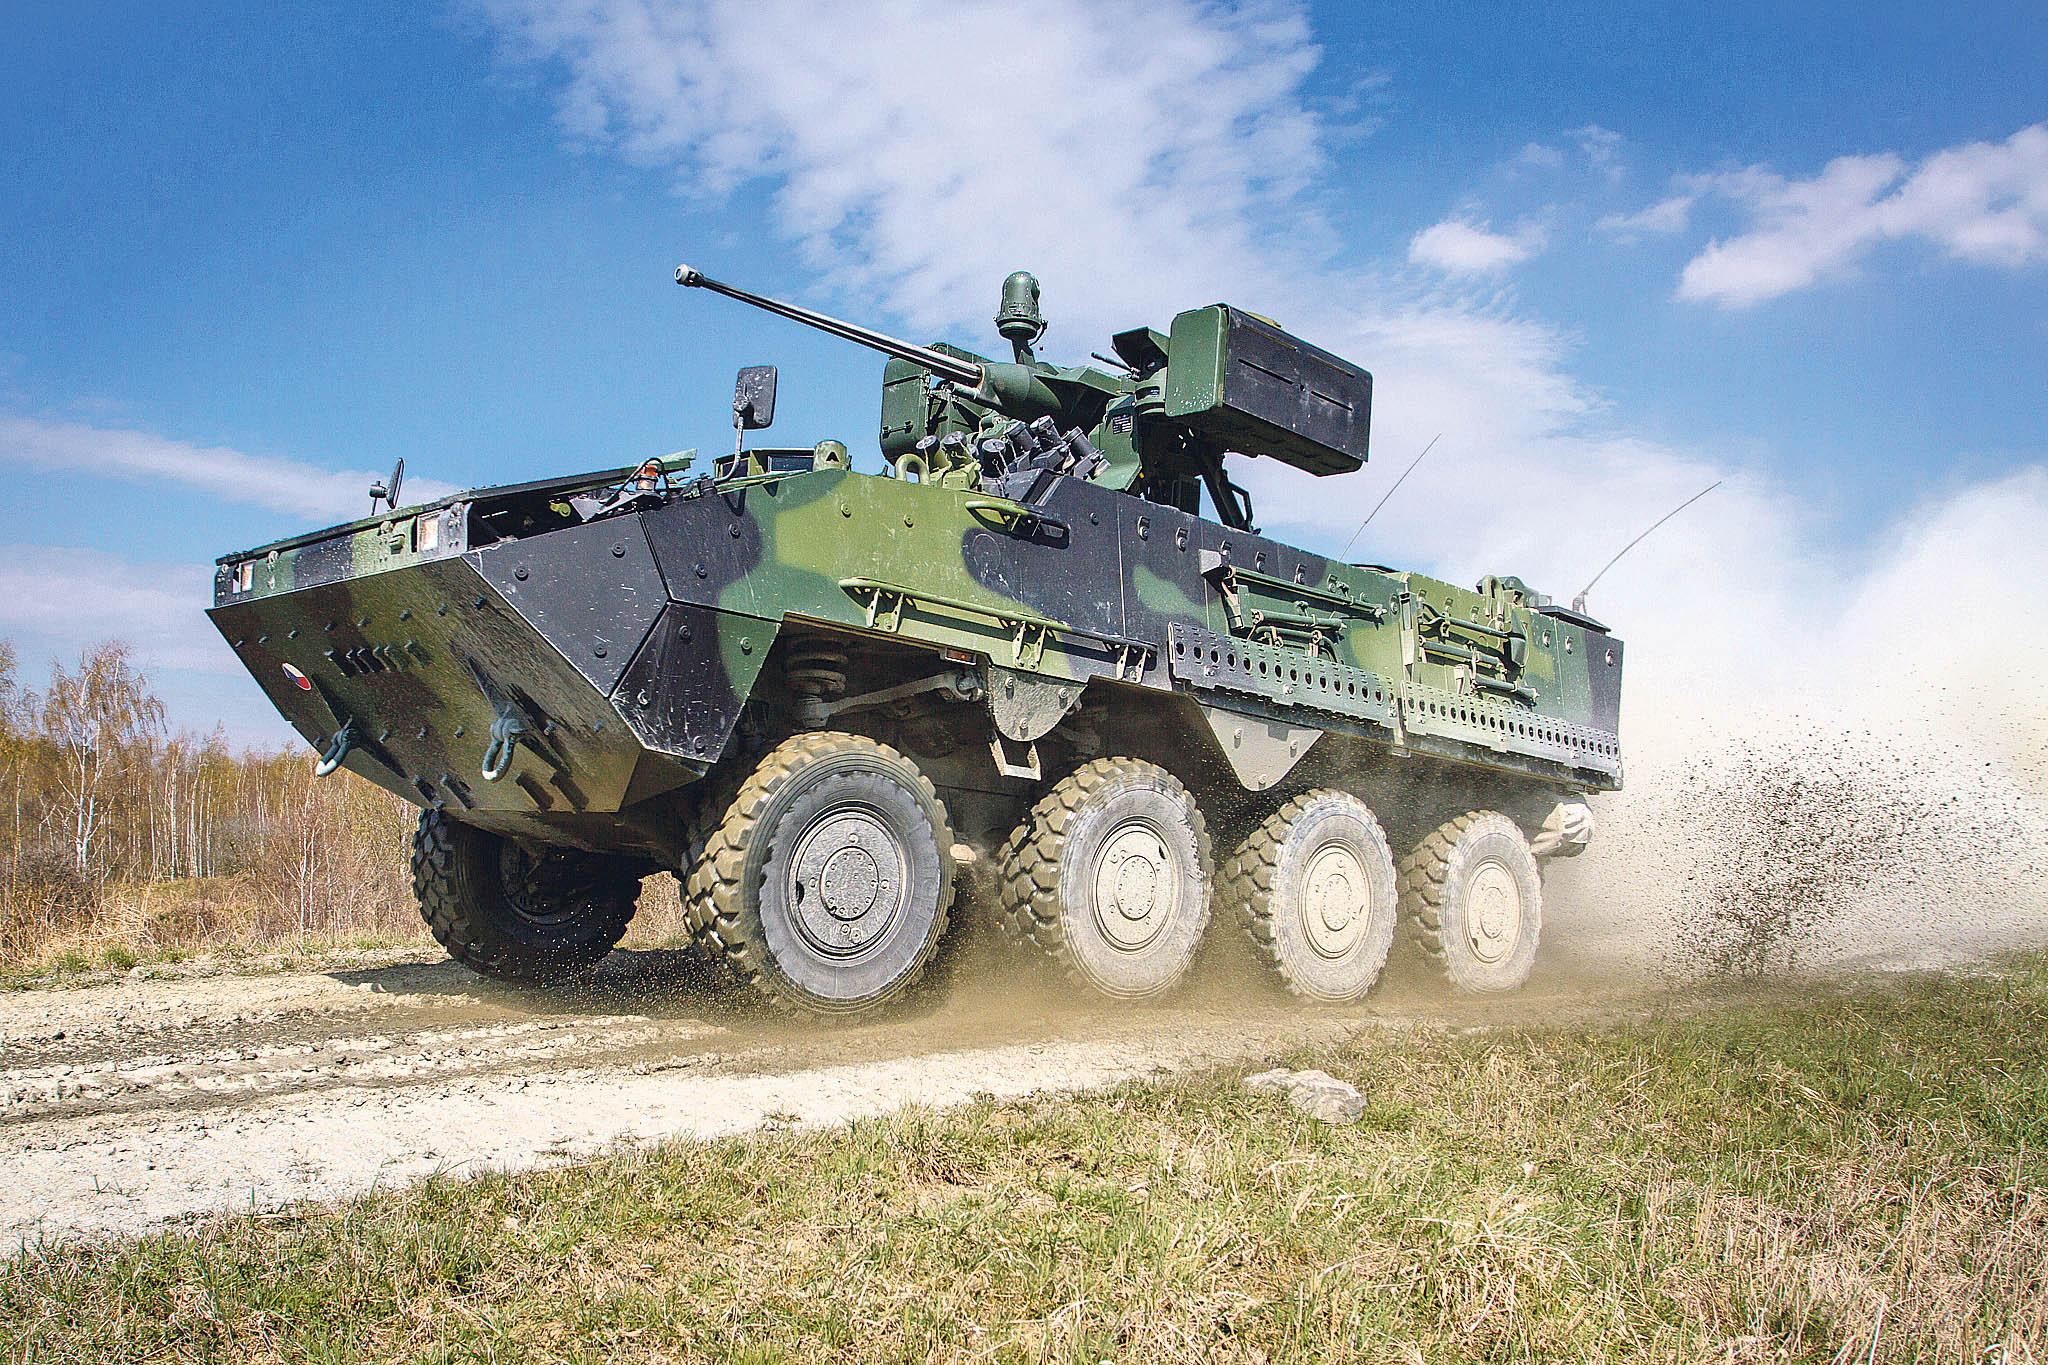 Kolový obrněnec Pandur II 8x8 CZ, který je schopný plavby, se plně vyrábí vČesku. Doprodukce jsou široce zapojeni tuzemští dodavatelé, včetně státních podniků Ministerstva obrany ČR.